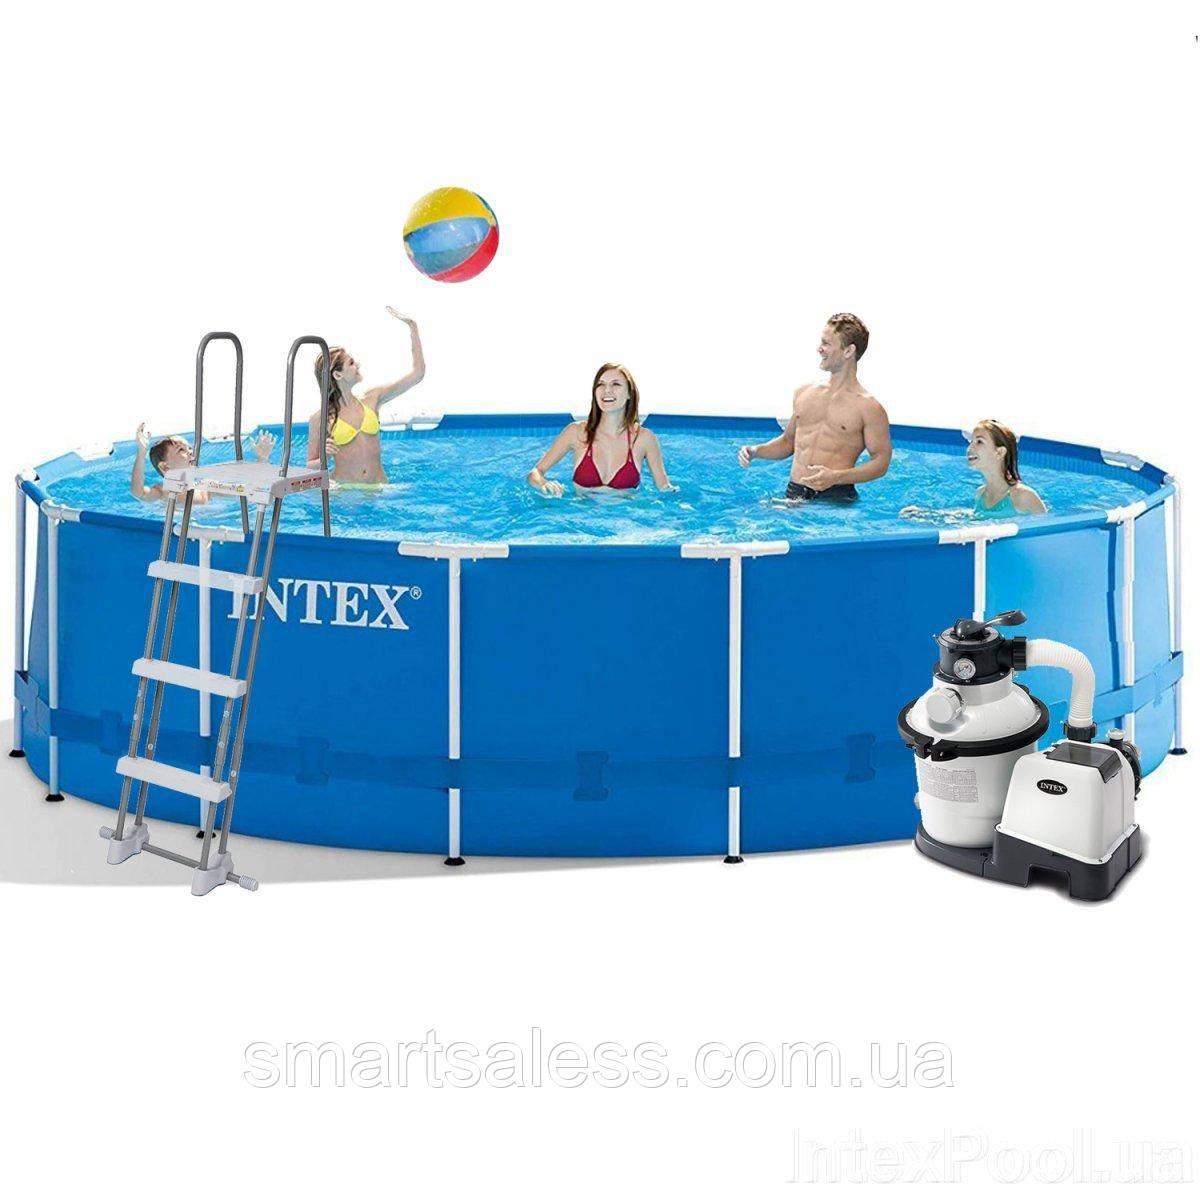 Каркасний басейн Intex, 457 x 122 см, насос 4 500 л/год, сходи, тент, підстилка